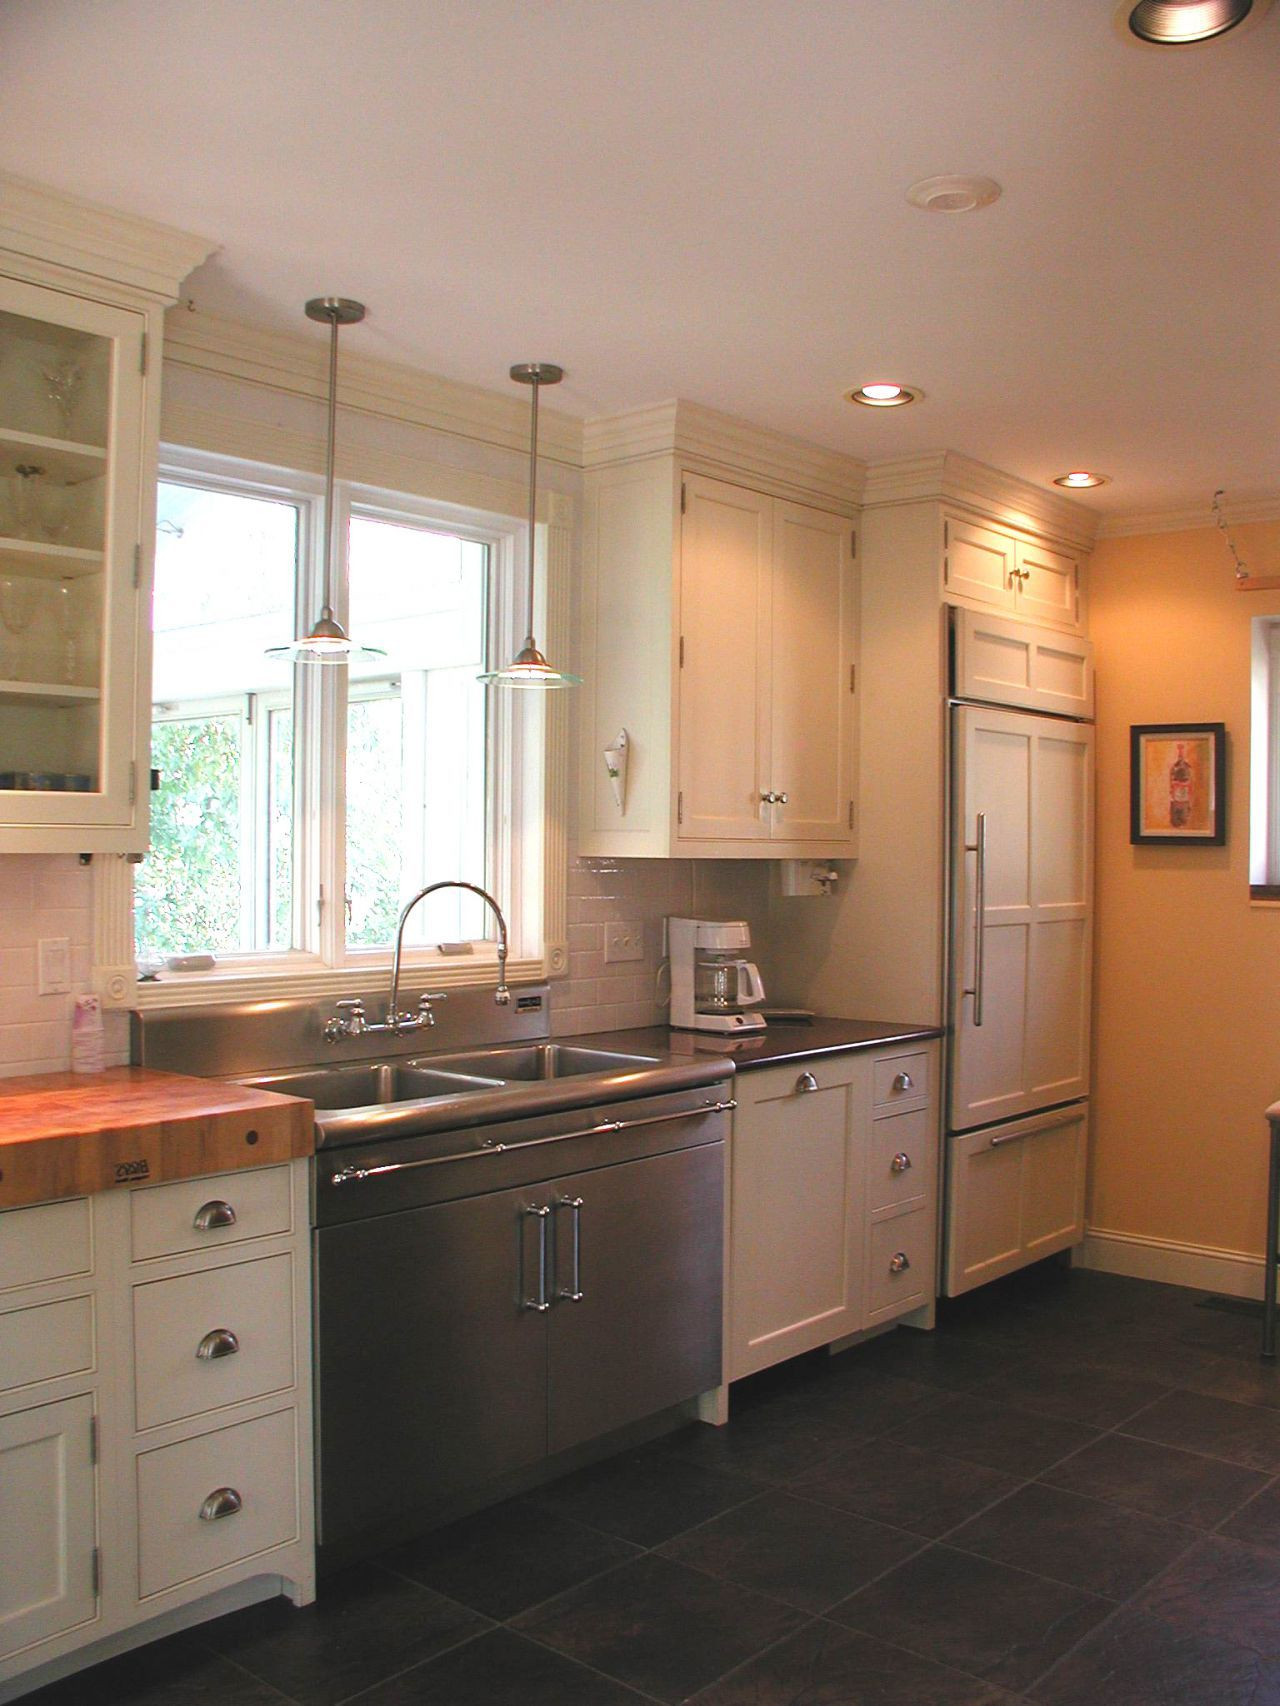 Restaurant kitchen sink   sink   Pinterest   Restaurant kitchen ...